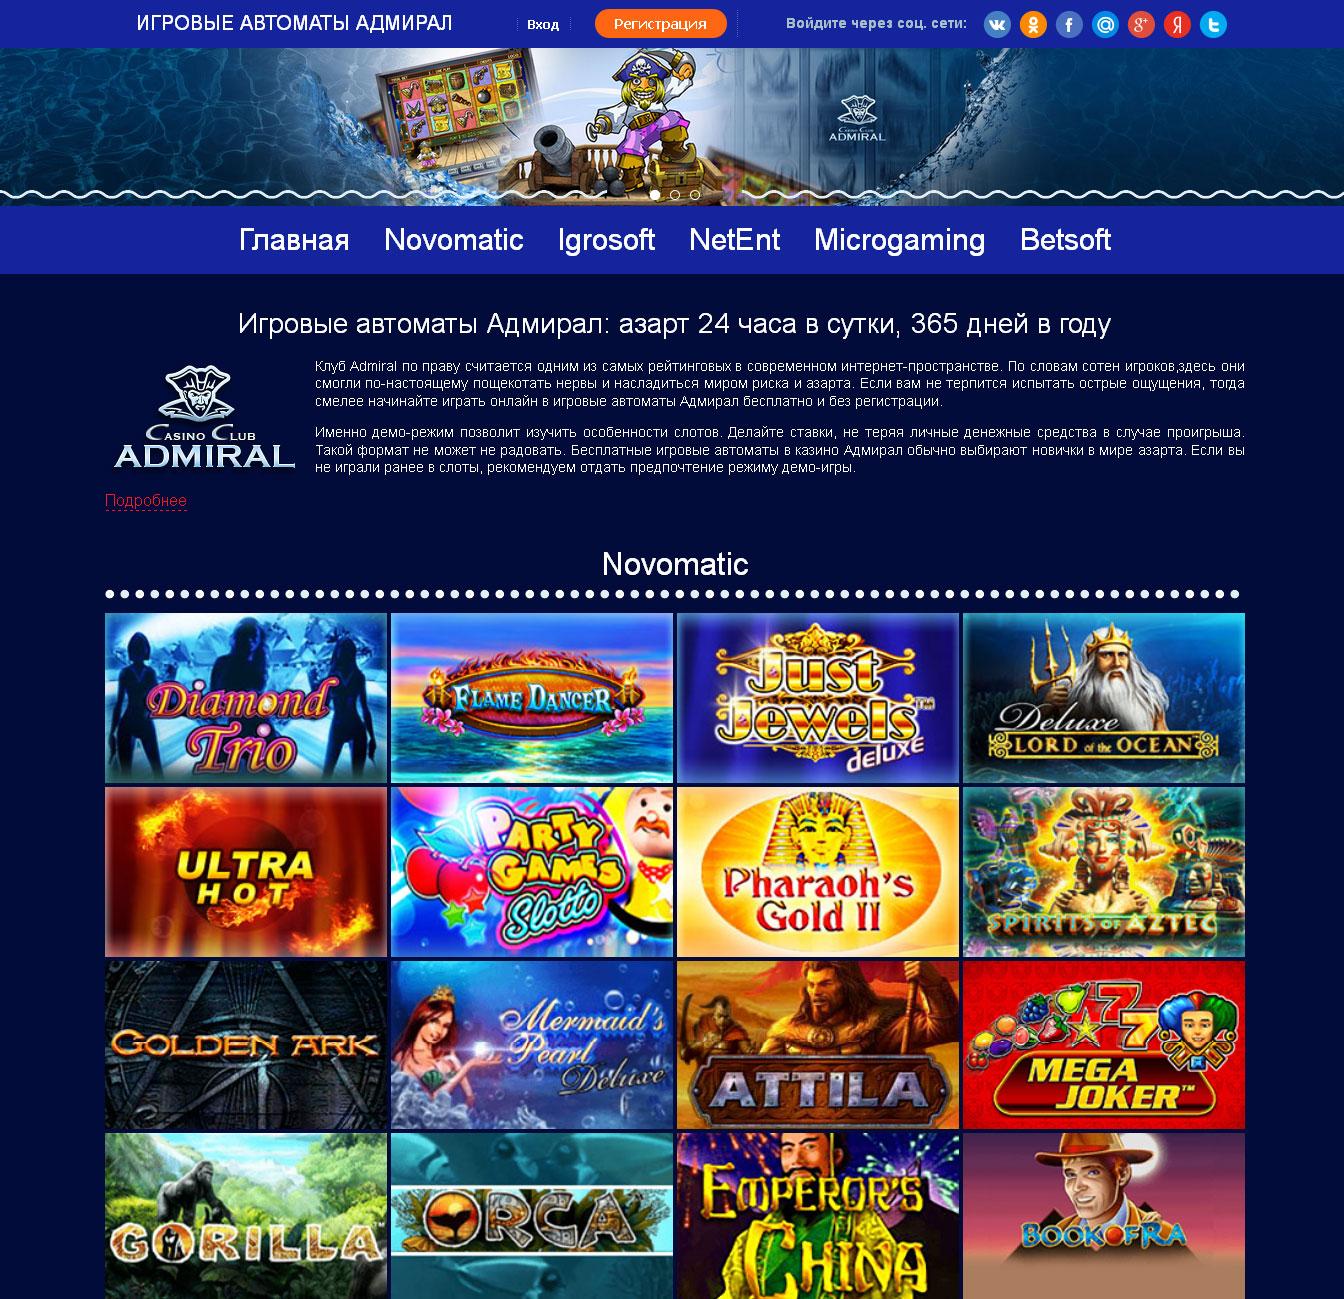 официальный сайт игра игровой автомат адмирал